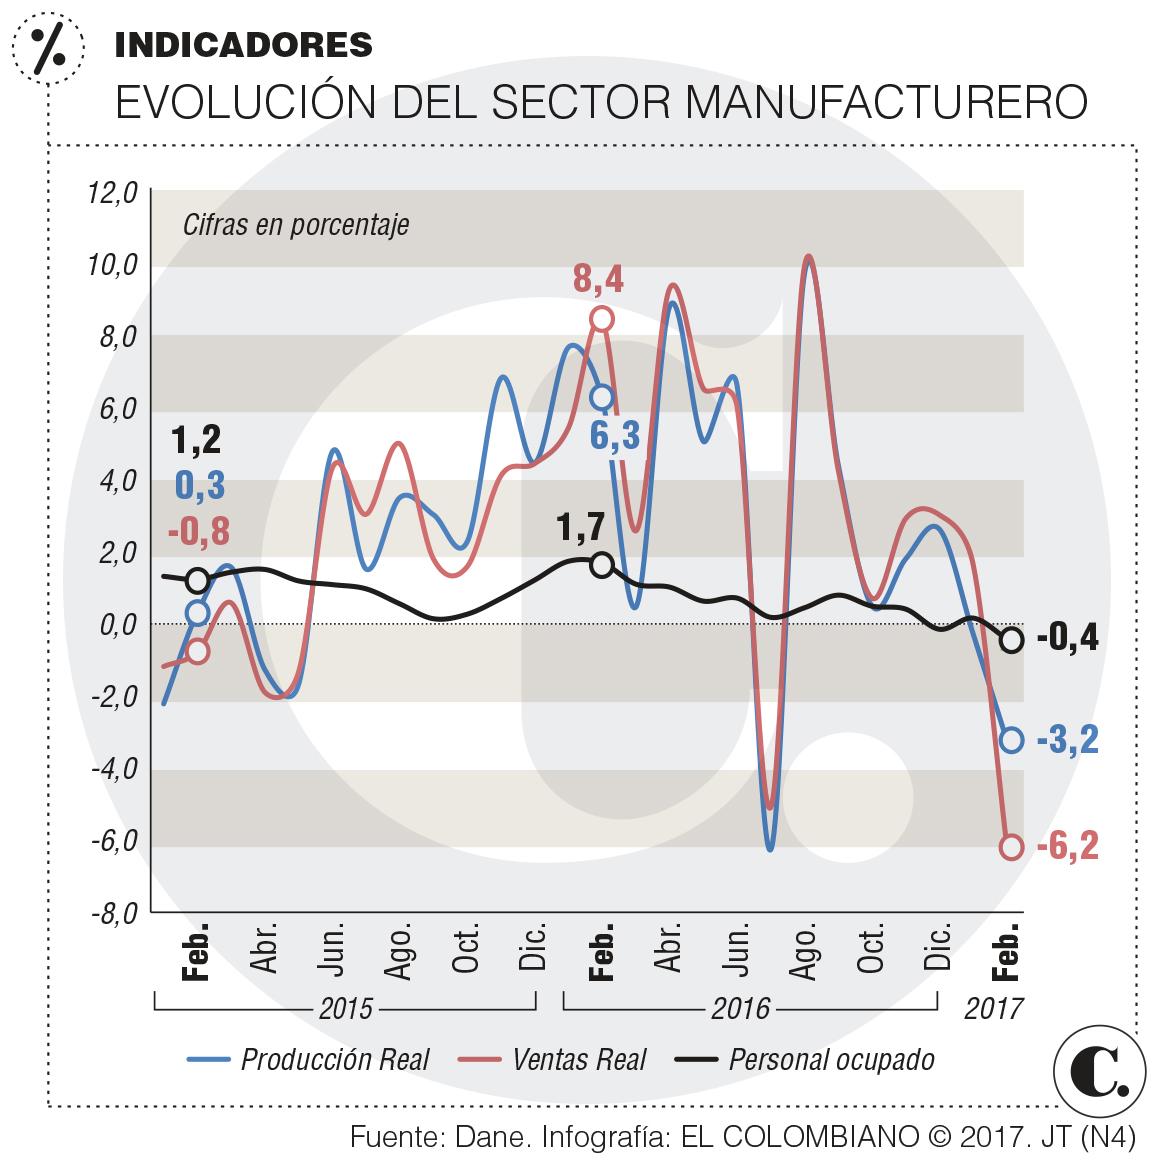 La industria en febrero registró una reducción del 3,2%, confirmó el DANE